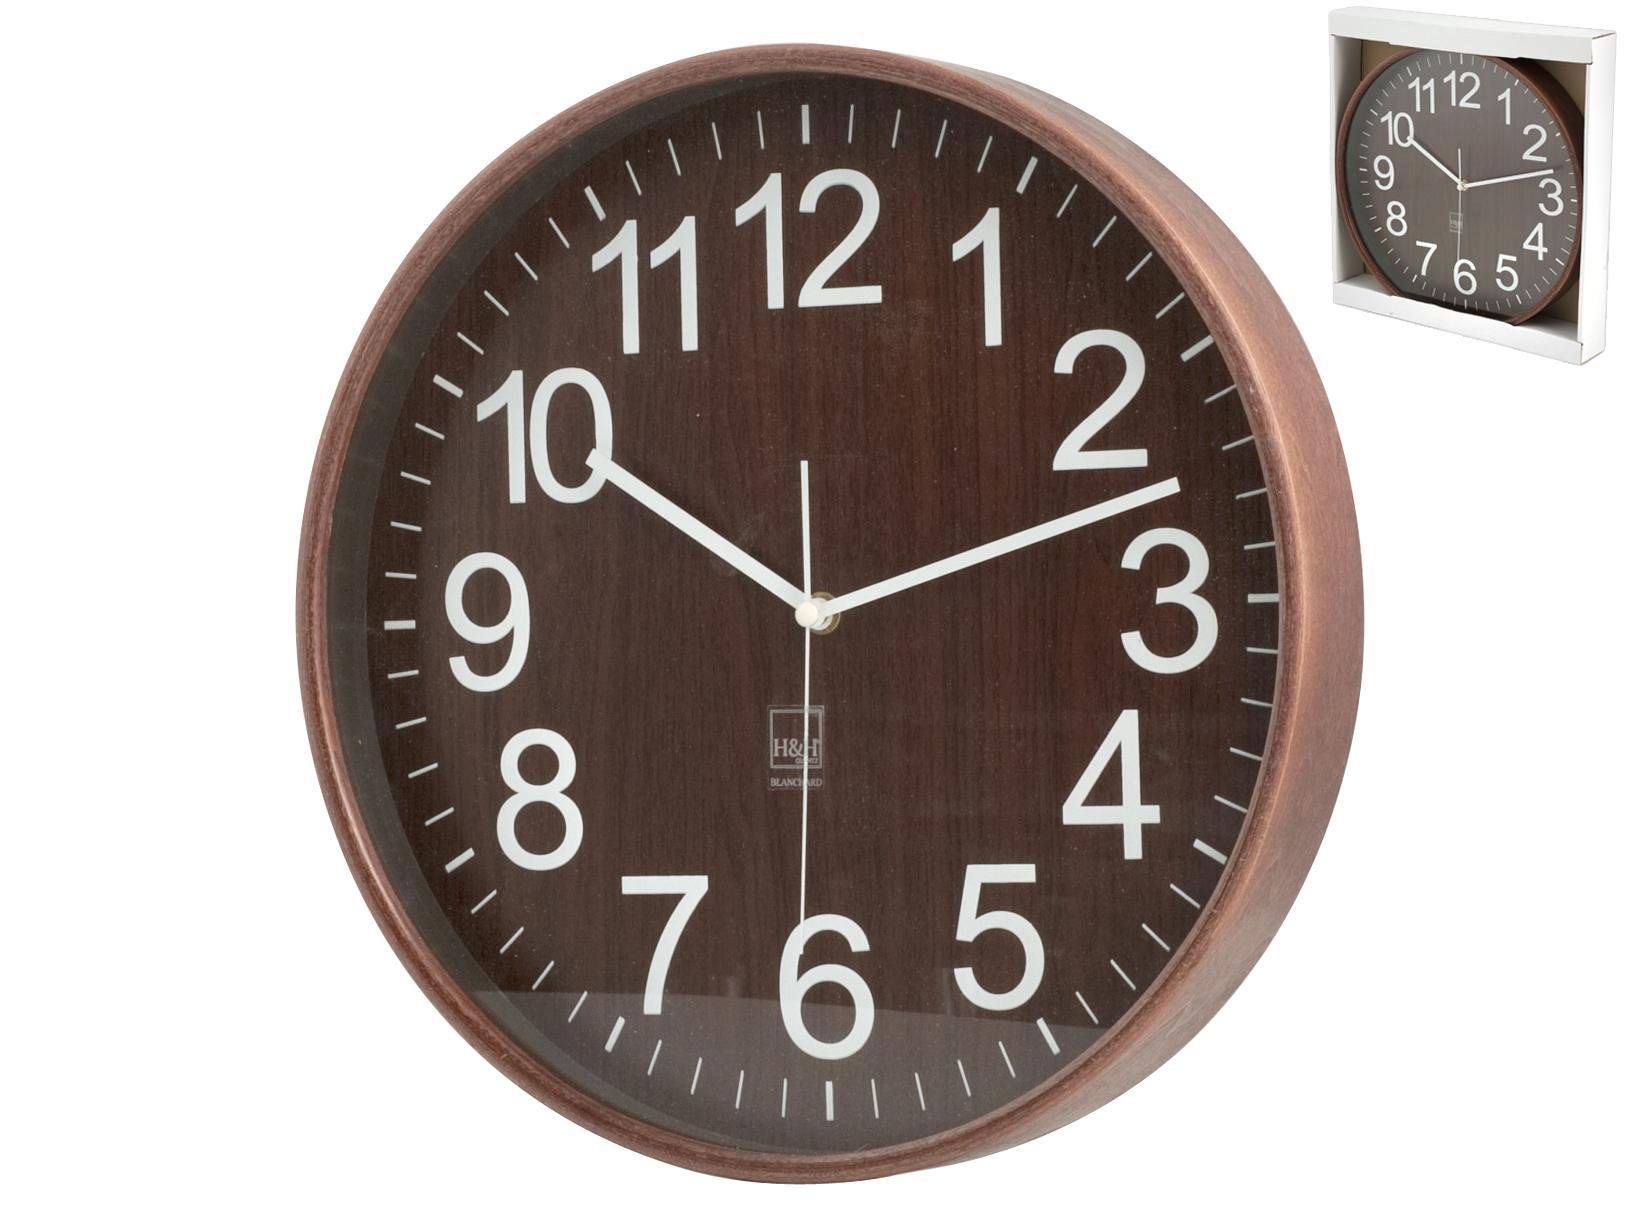 Decorazioni In Legno Per La Casa : H h orologio parete legno sc tondo arredo e decorazioni casa